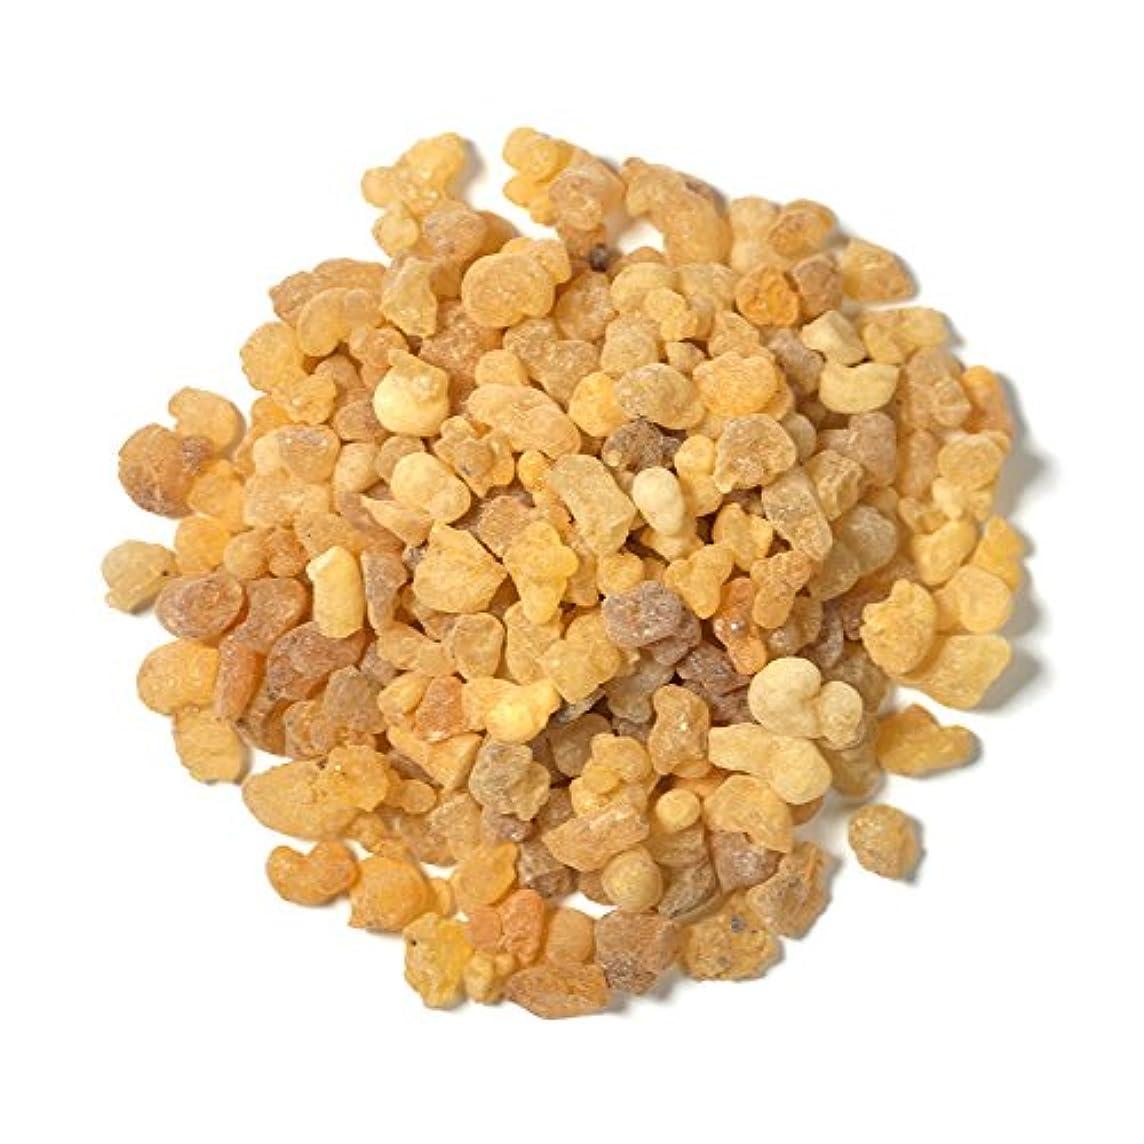 曖昧な不調和まろやかな砂漠ゴールドFrankincense by Legacyアイコン 1 OZ DSG-E28G